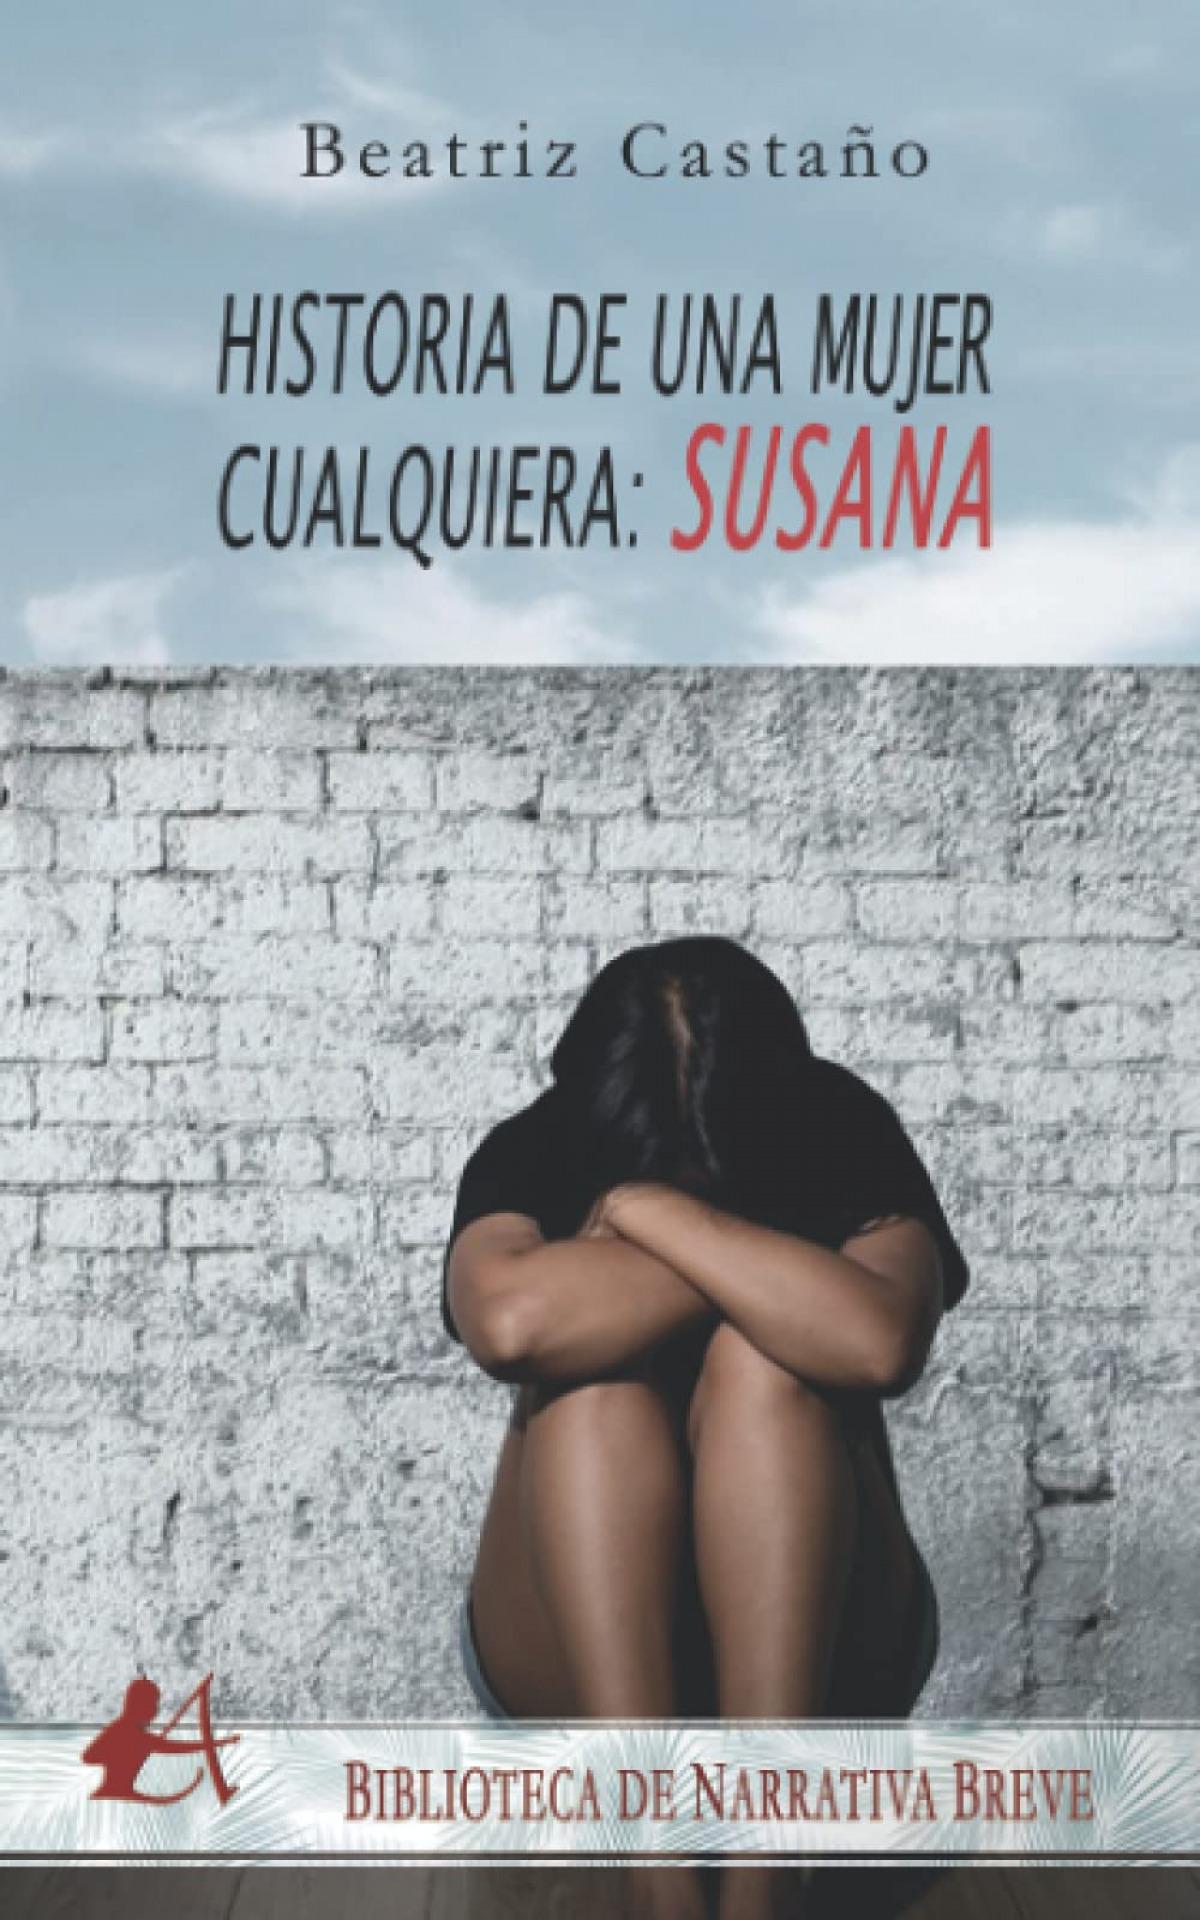 HISTORIAS DE UNA MUJER CUALQUIERA, SUSANA